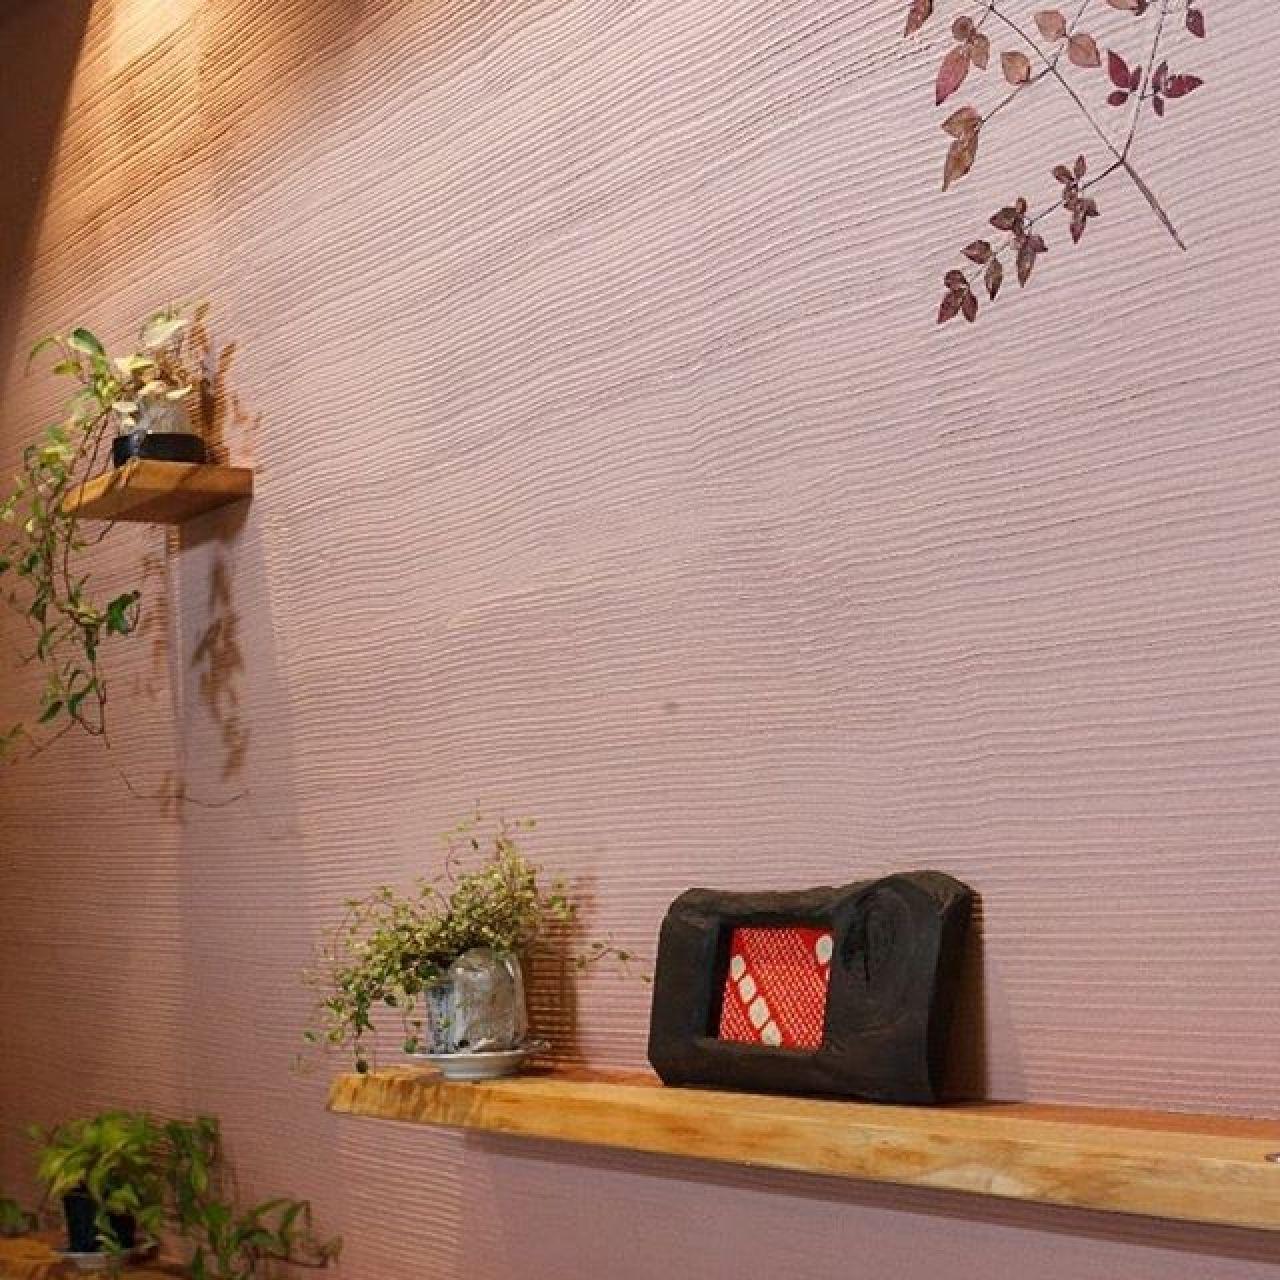 珪藻土壁に紅葉時の本物の木の枝を塗り込んだり、耳付きの無垢の板を小棚に活用しました。とっても暖かみのある壁です。#珪藻土#自然素材#造作#デザイン#安らぎ#こだわり#注文住宅